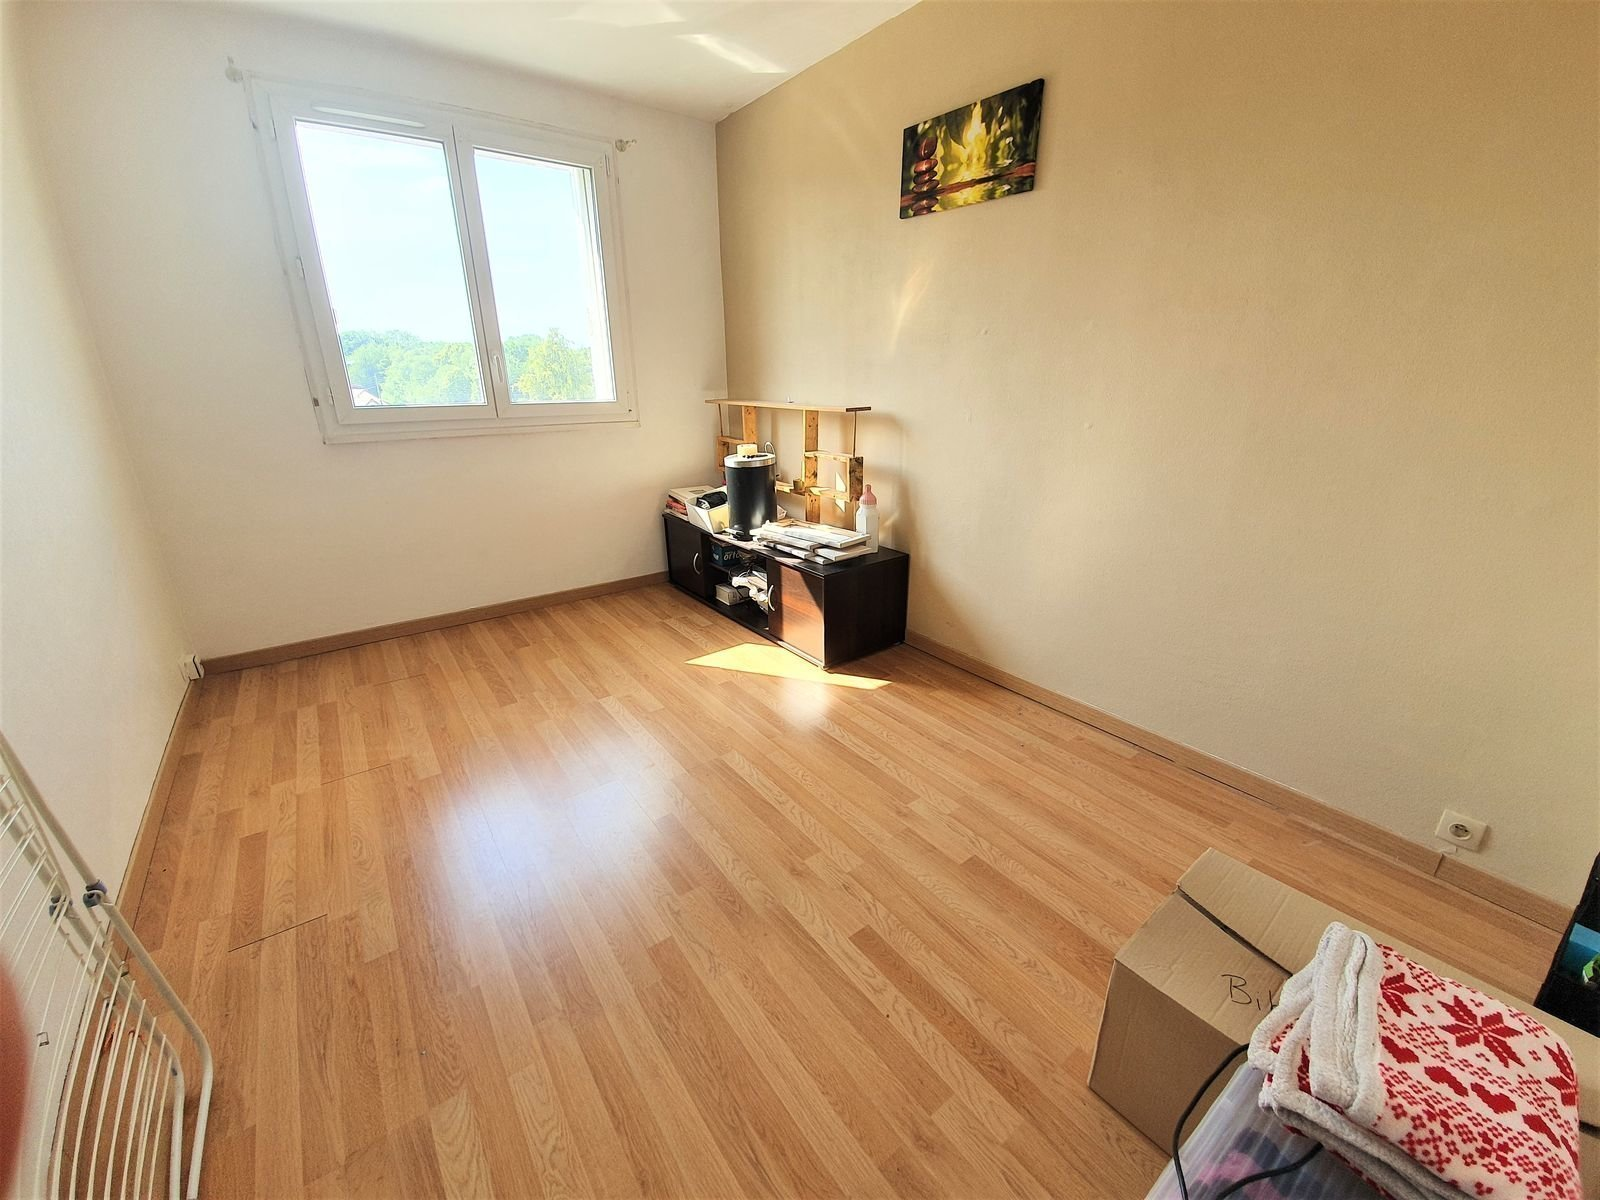 Bel Appartement à vendre sur Maromme